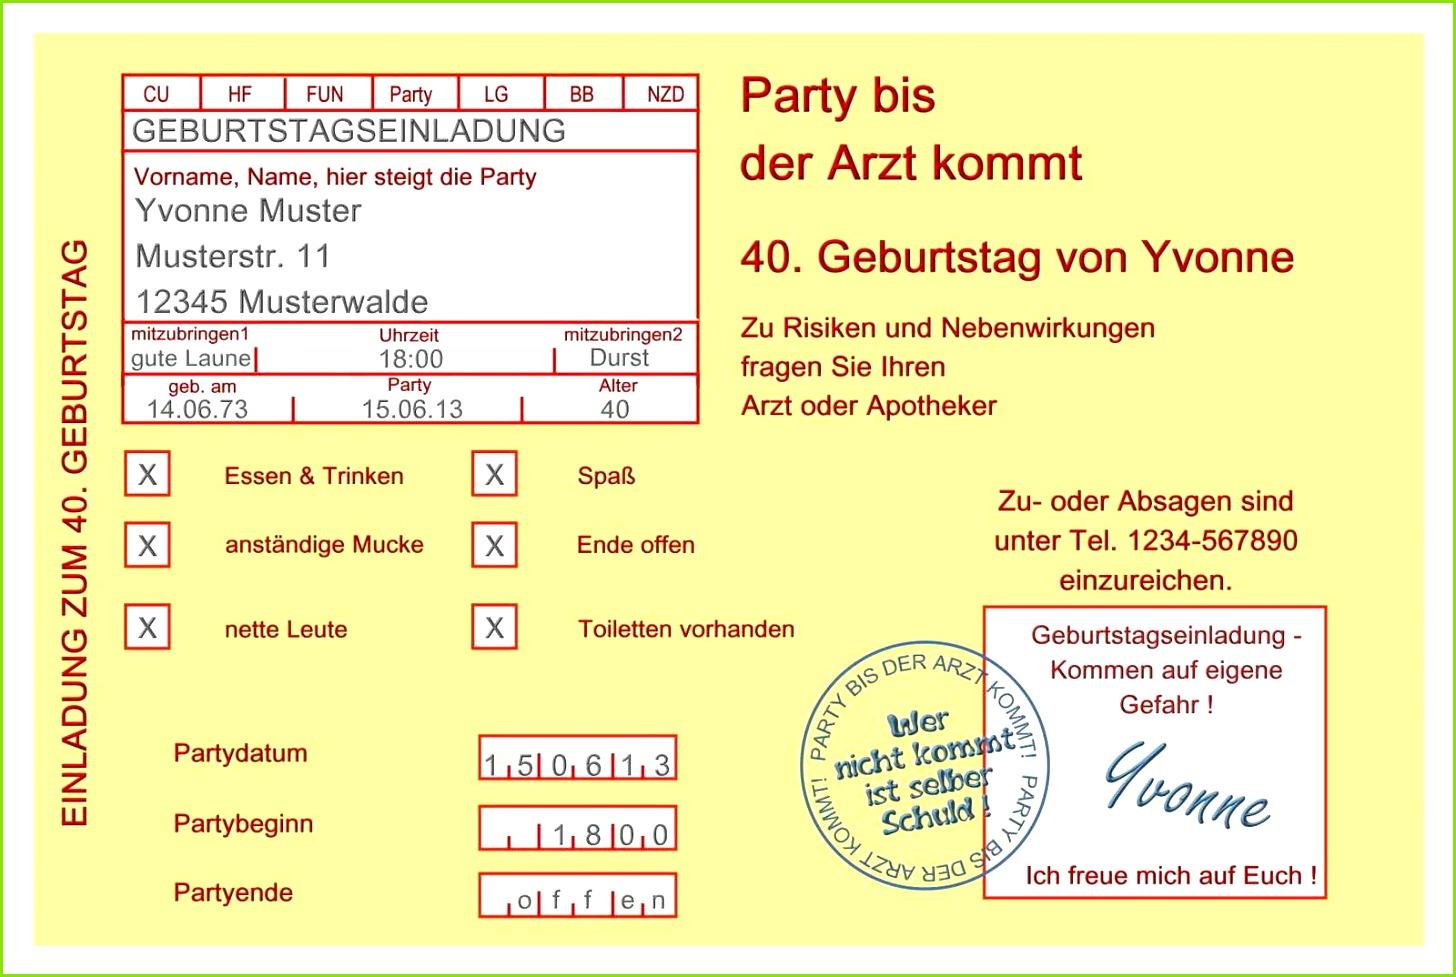 Haushaltsplan Muster Vorlagen Neu Einladungen 18 Geburtstag Schön Einladungskarten Vorlagen Geburtstag 45 Neu Haushaltsplan Muster